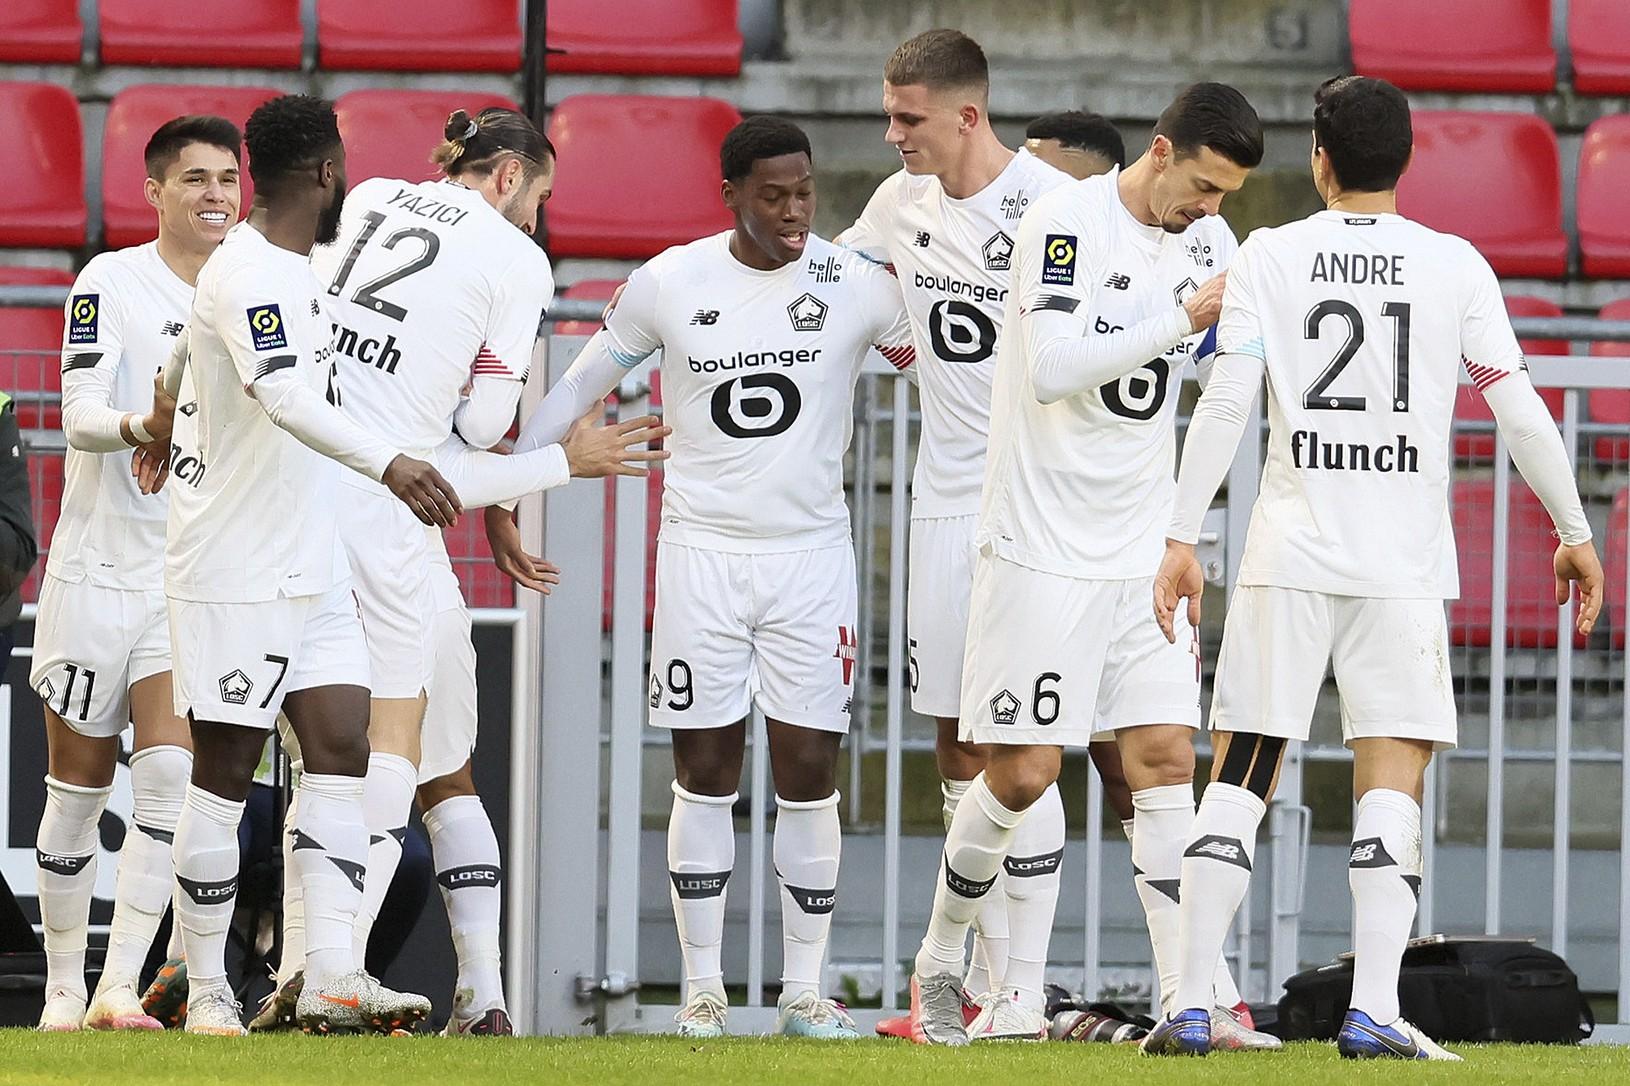 Radosť futbalistov Lille